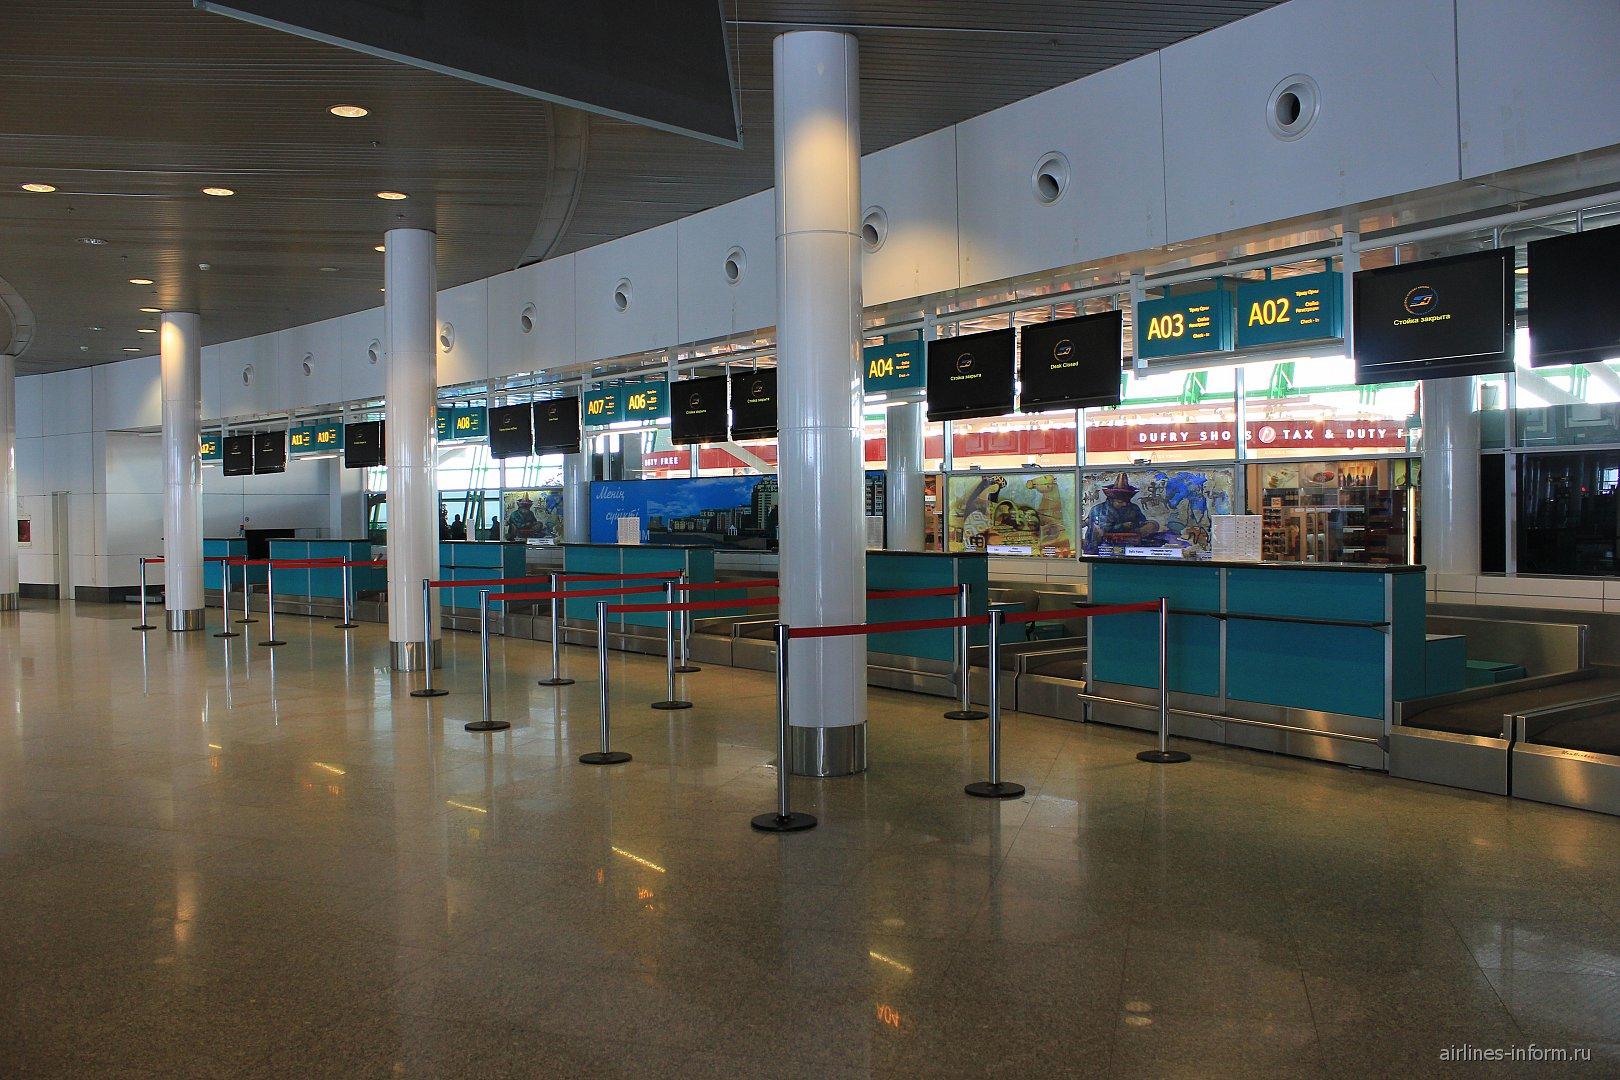 Стойки регистрации внутренних рейсов (сектор А) аэропорта Астана